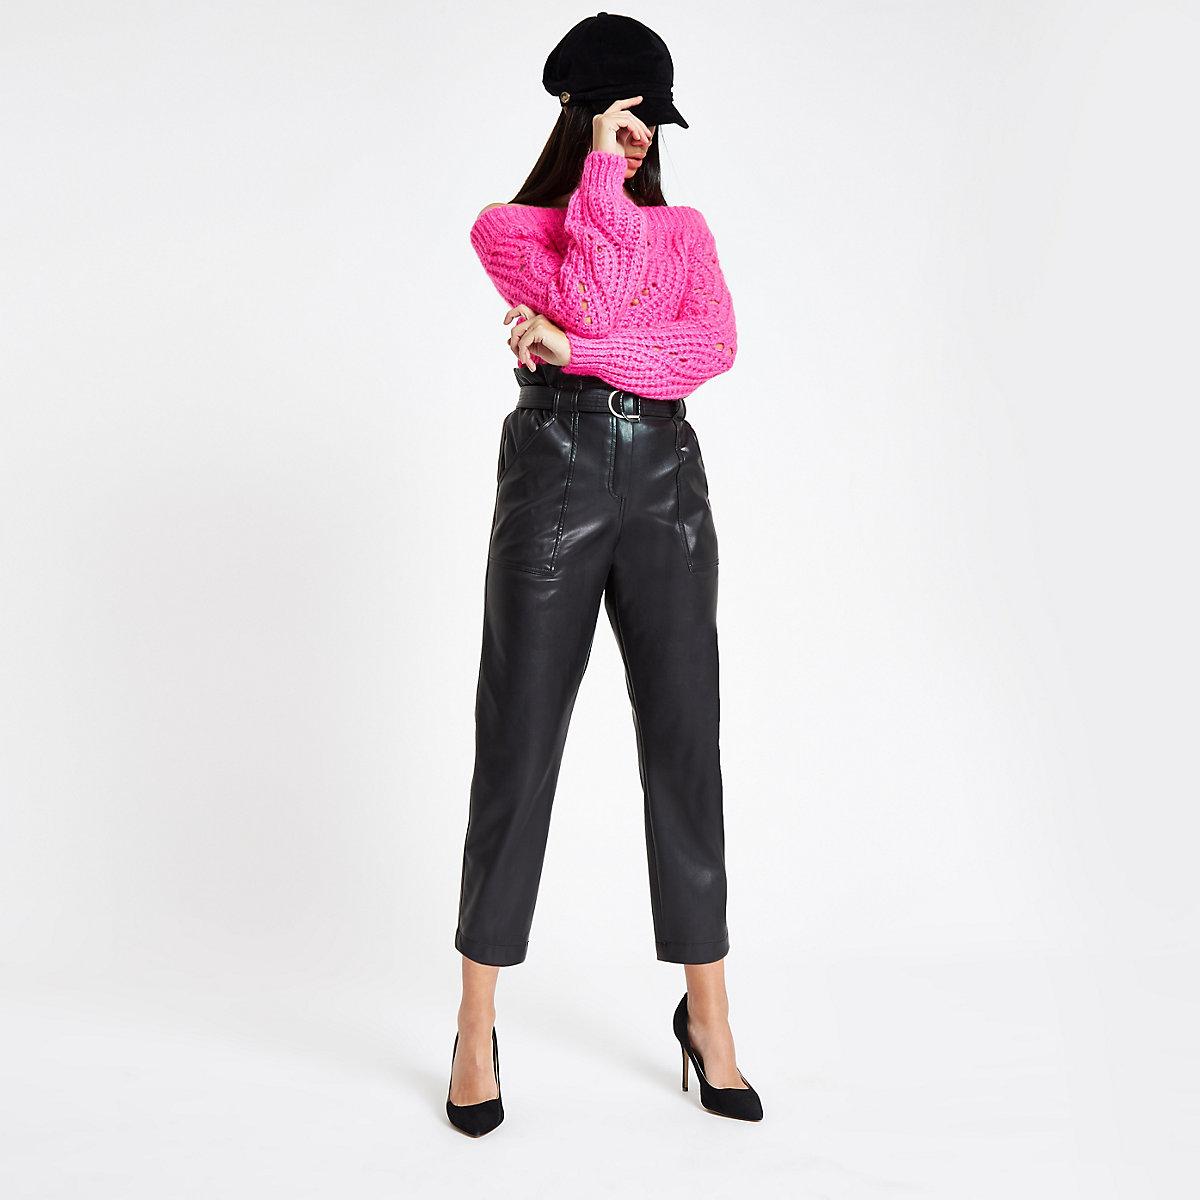 Pantalon en cuir synthétique noir à taille haute ceinturée